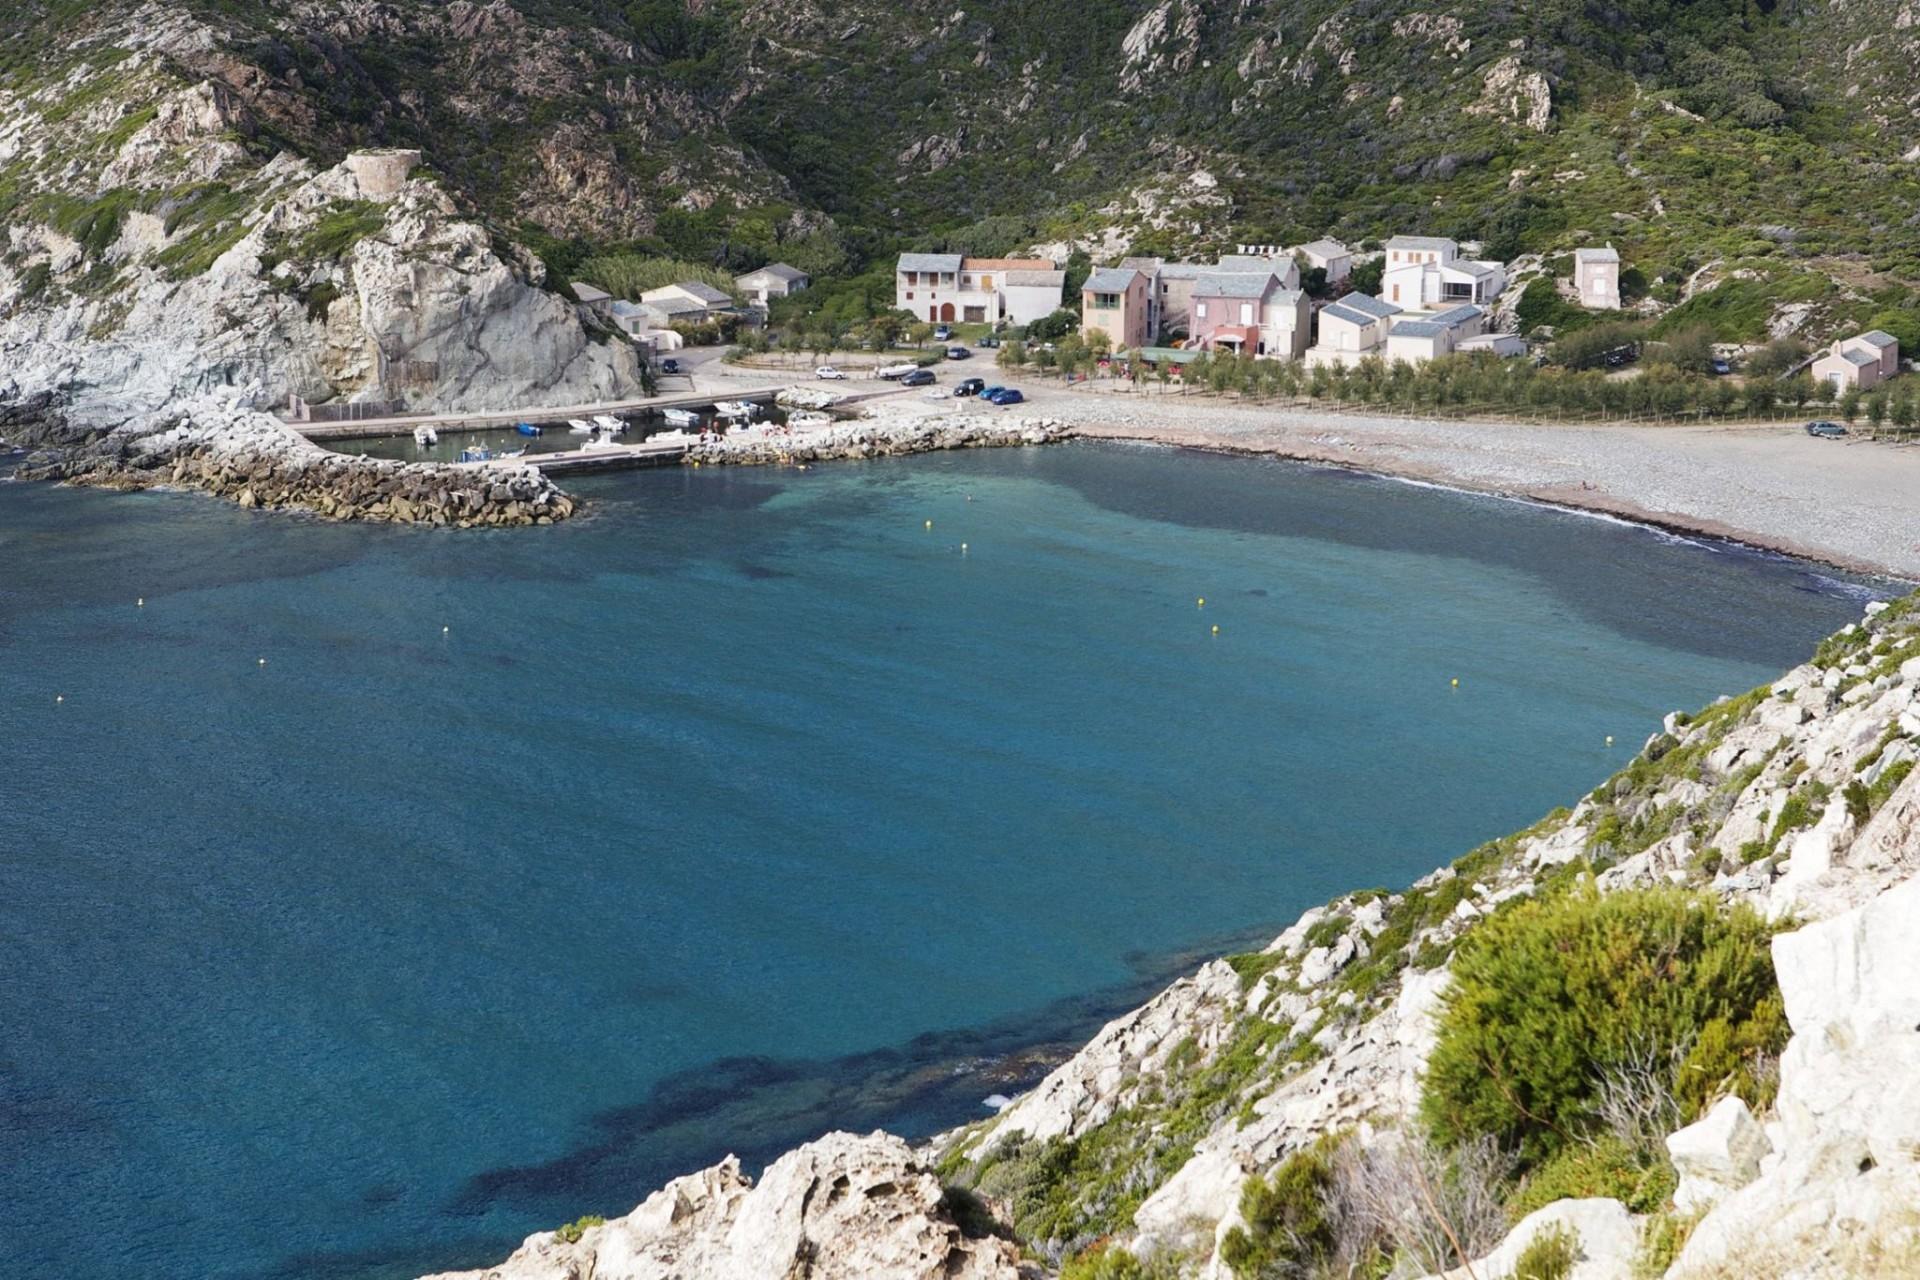 Plage de Giottani - (Accès PMR) - Cap Corse Capicorsu